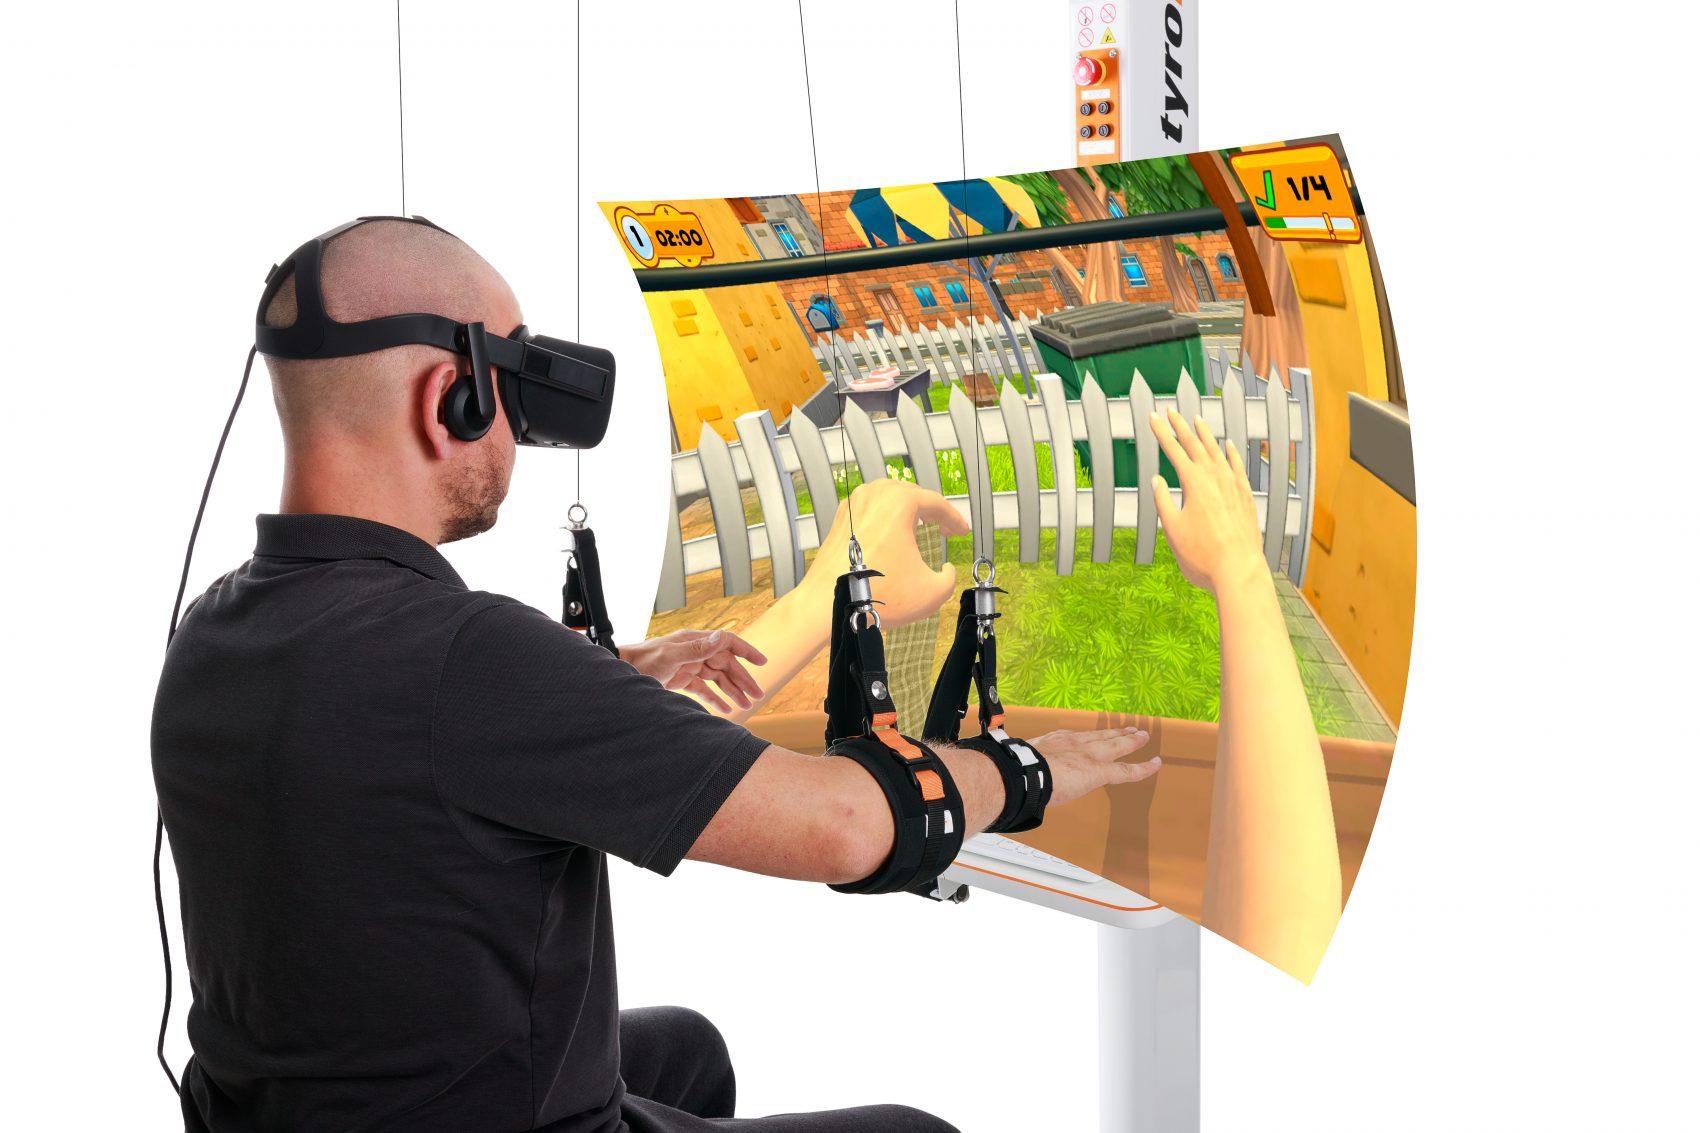 DIEGO in Anwendung, Patient hat virtuelle Brille auf, beide Arme in den Armschlingen und sitzt vorm Bildschirm